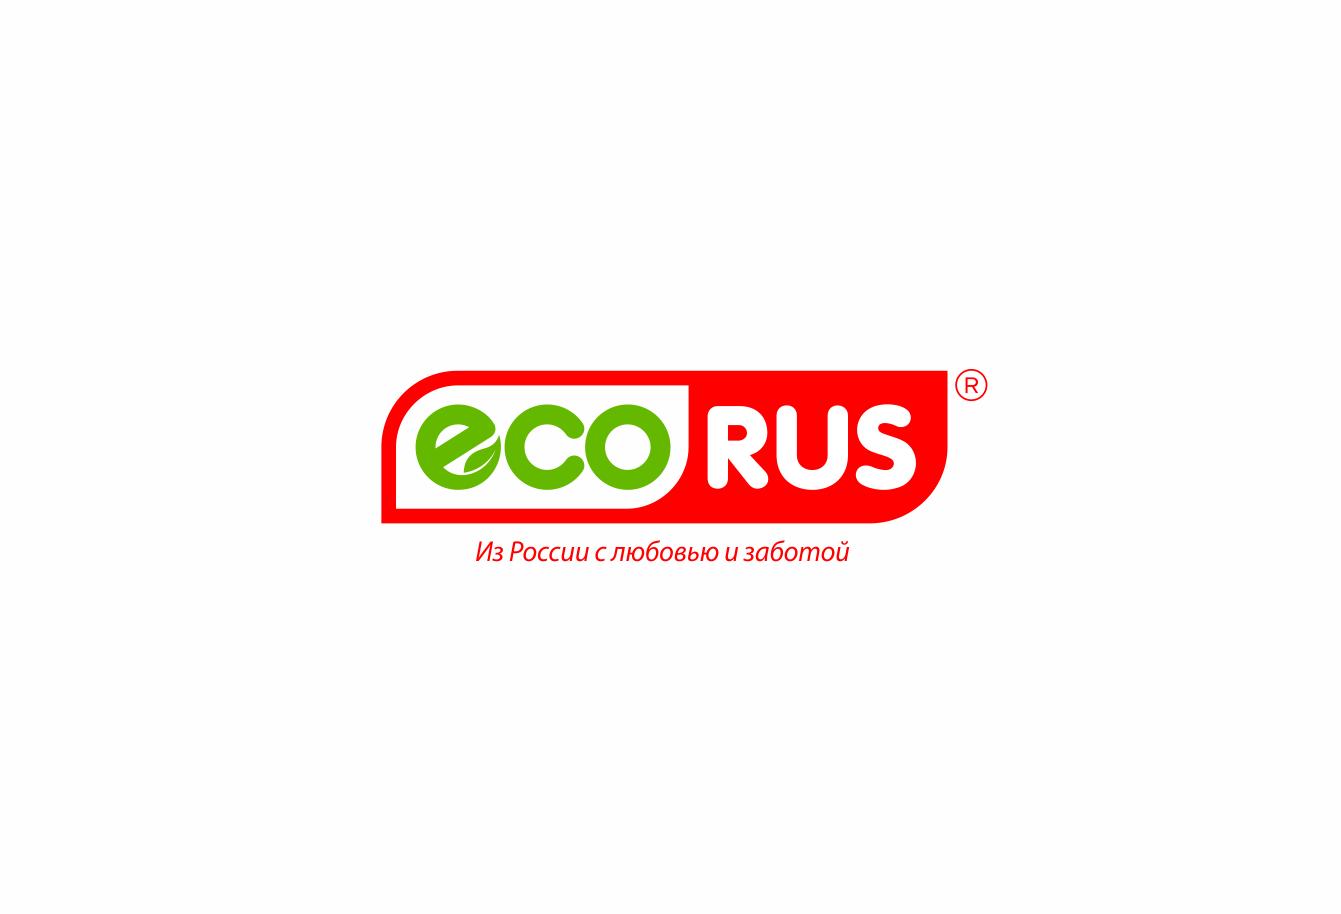 Логотип для поставщика продуктов питания из России в Китай фото f_5675eacdcbf90e02.png